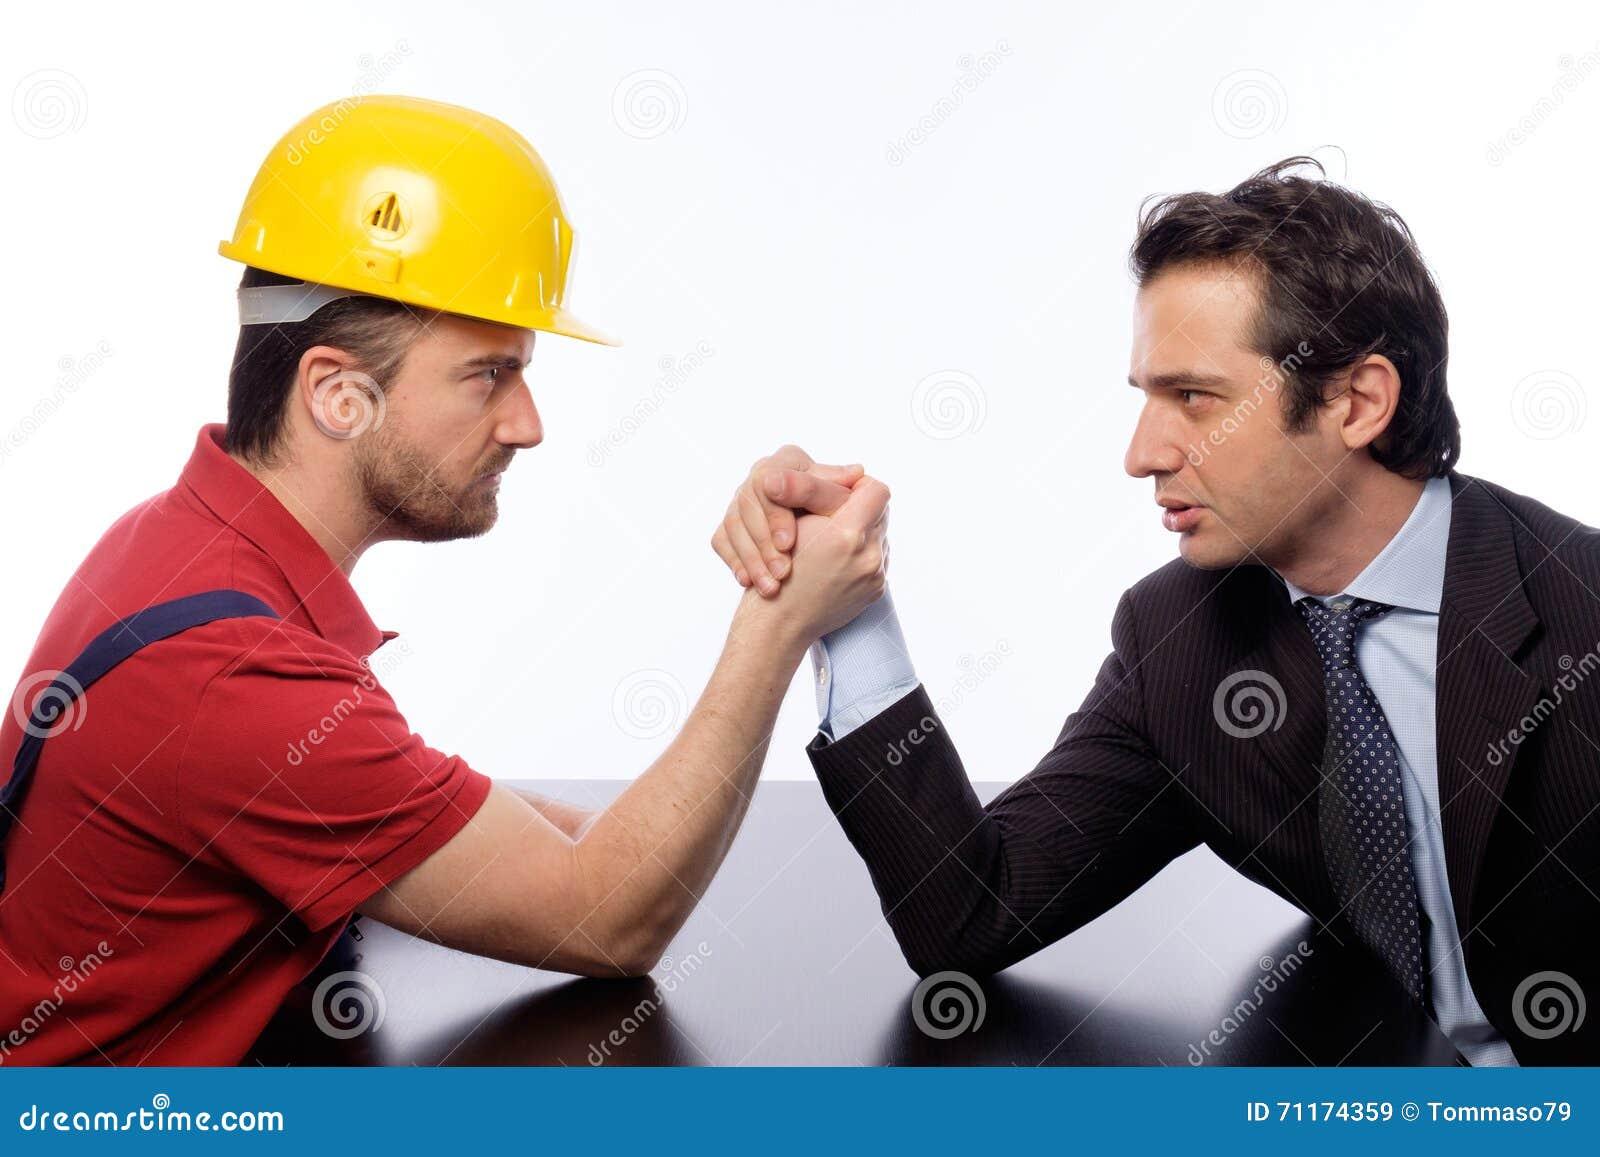 För armbrottning vit för krage arbetare kontra